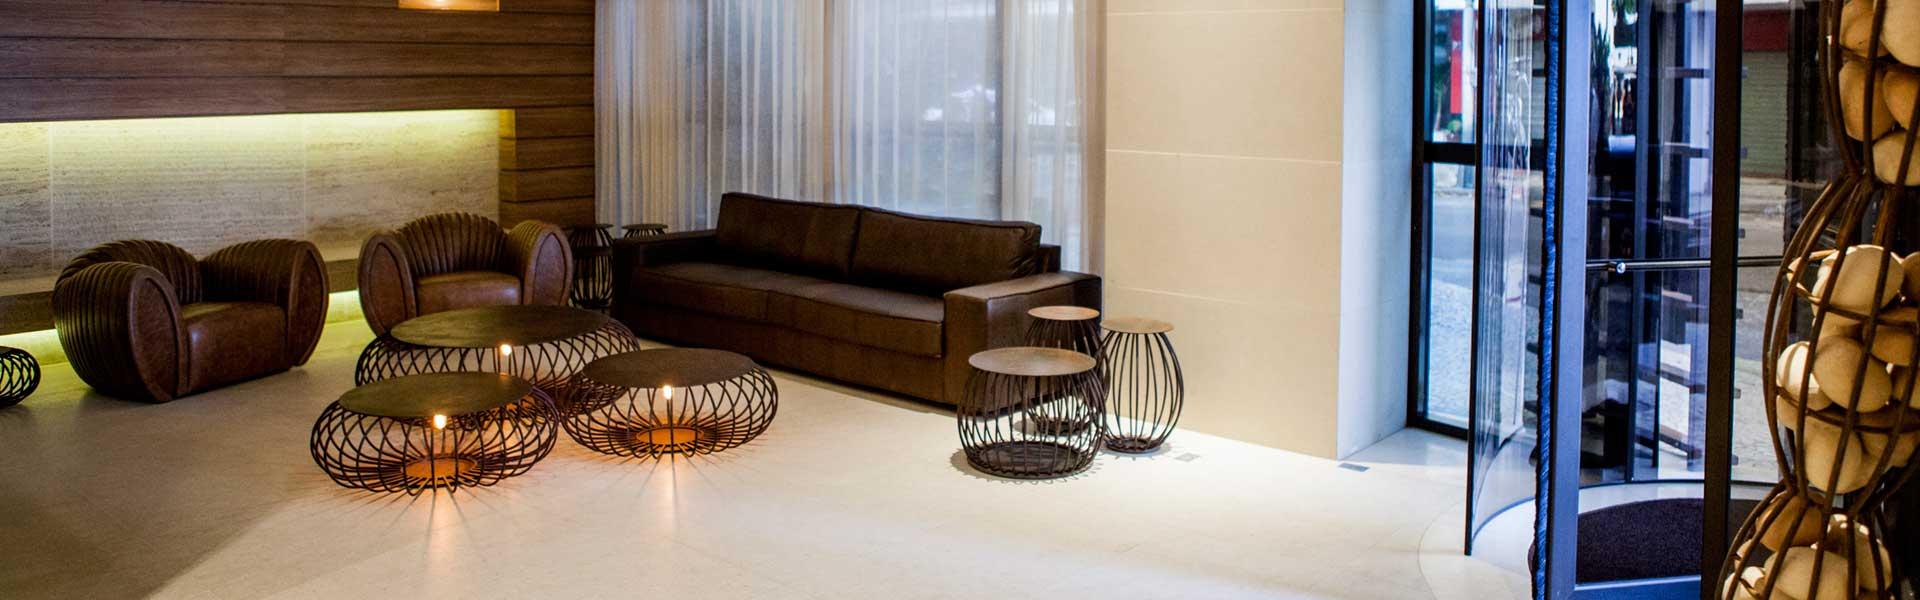 sl-interno-ritz-copacabana-lobby